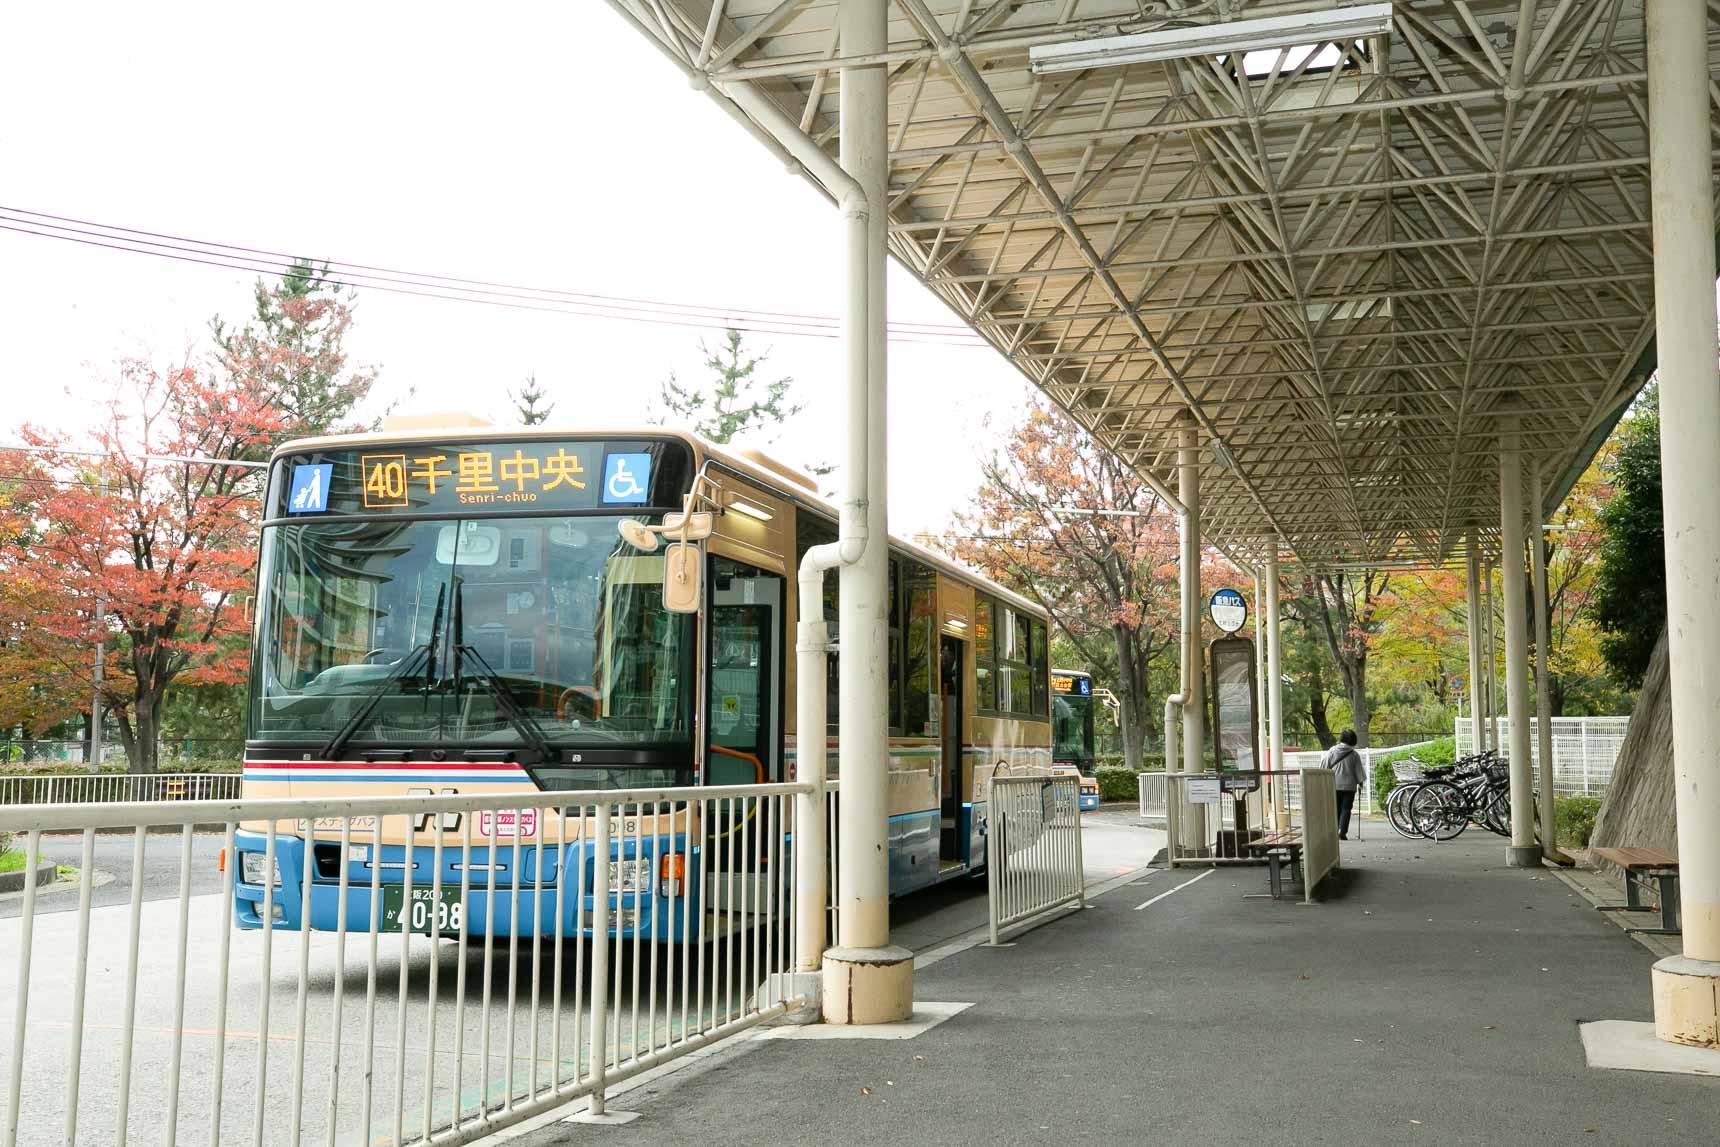 「駅からバス」って、やっぱり不便?そんなこともないですよ!お得で便利なUR賃貸住宅の「バス近物件」まとめました。